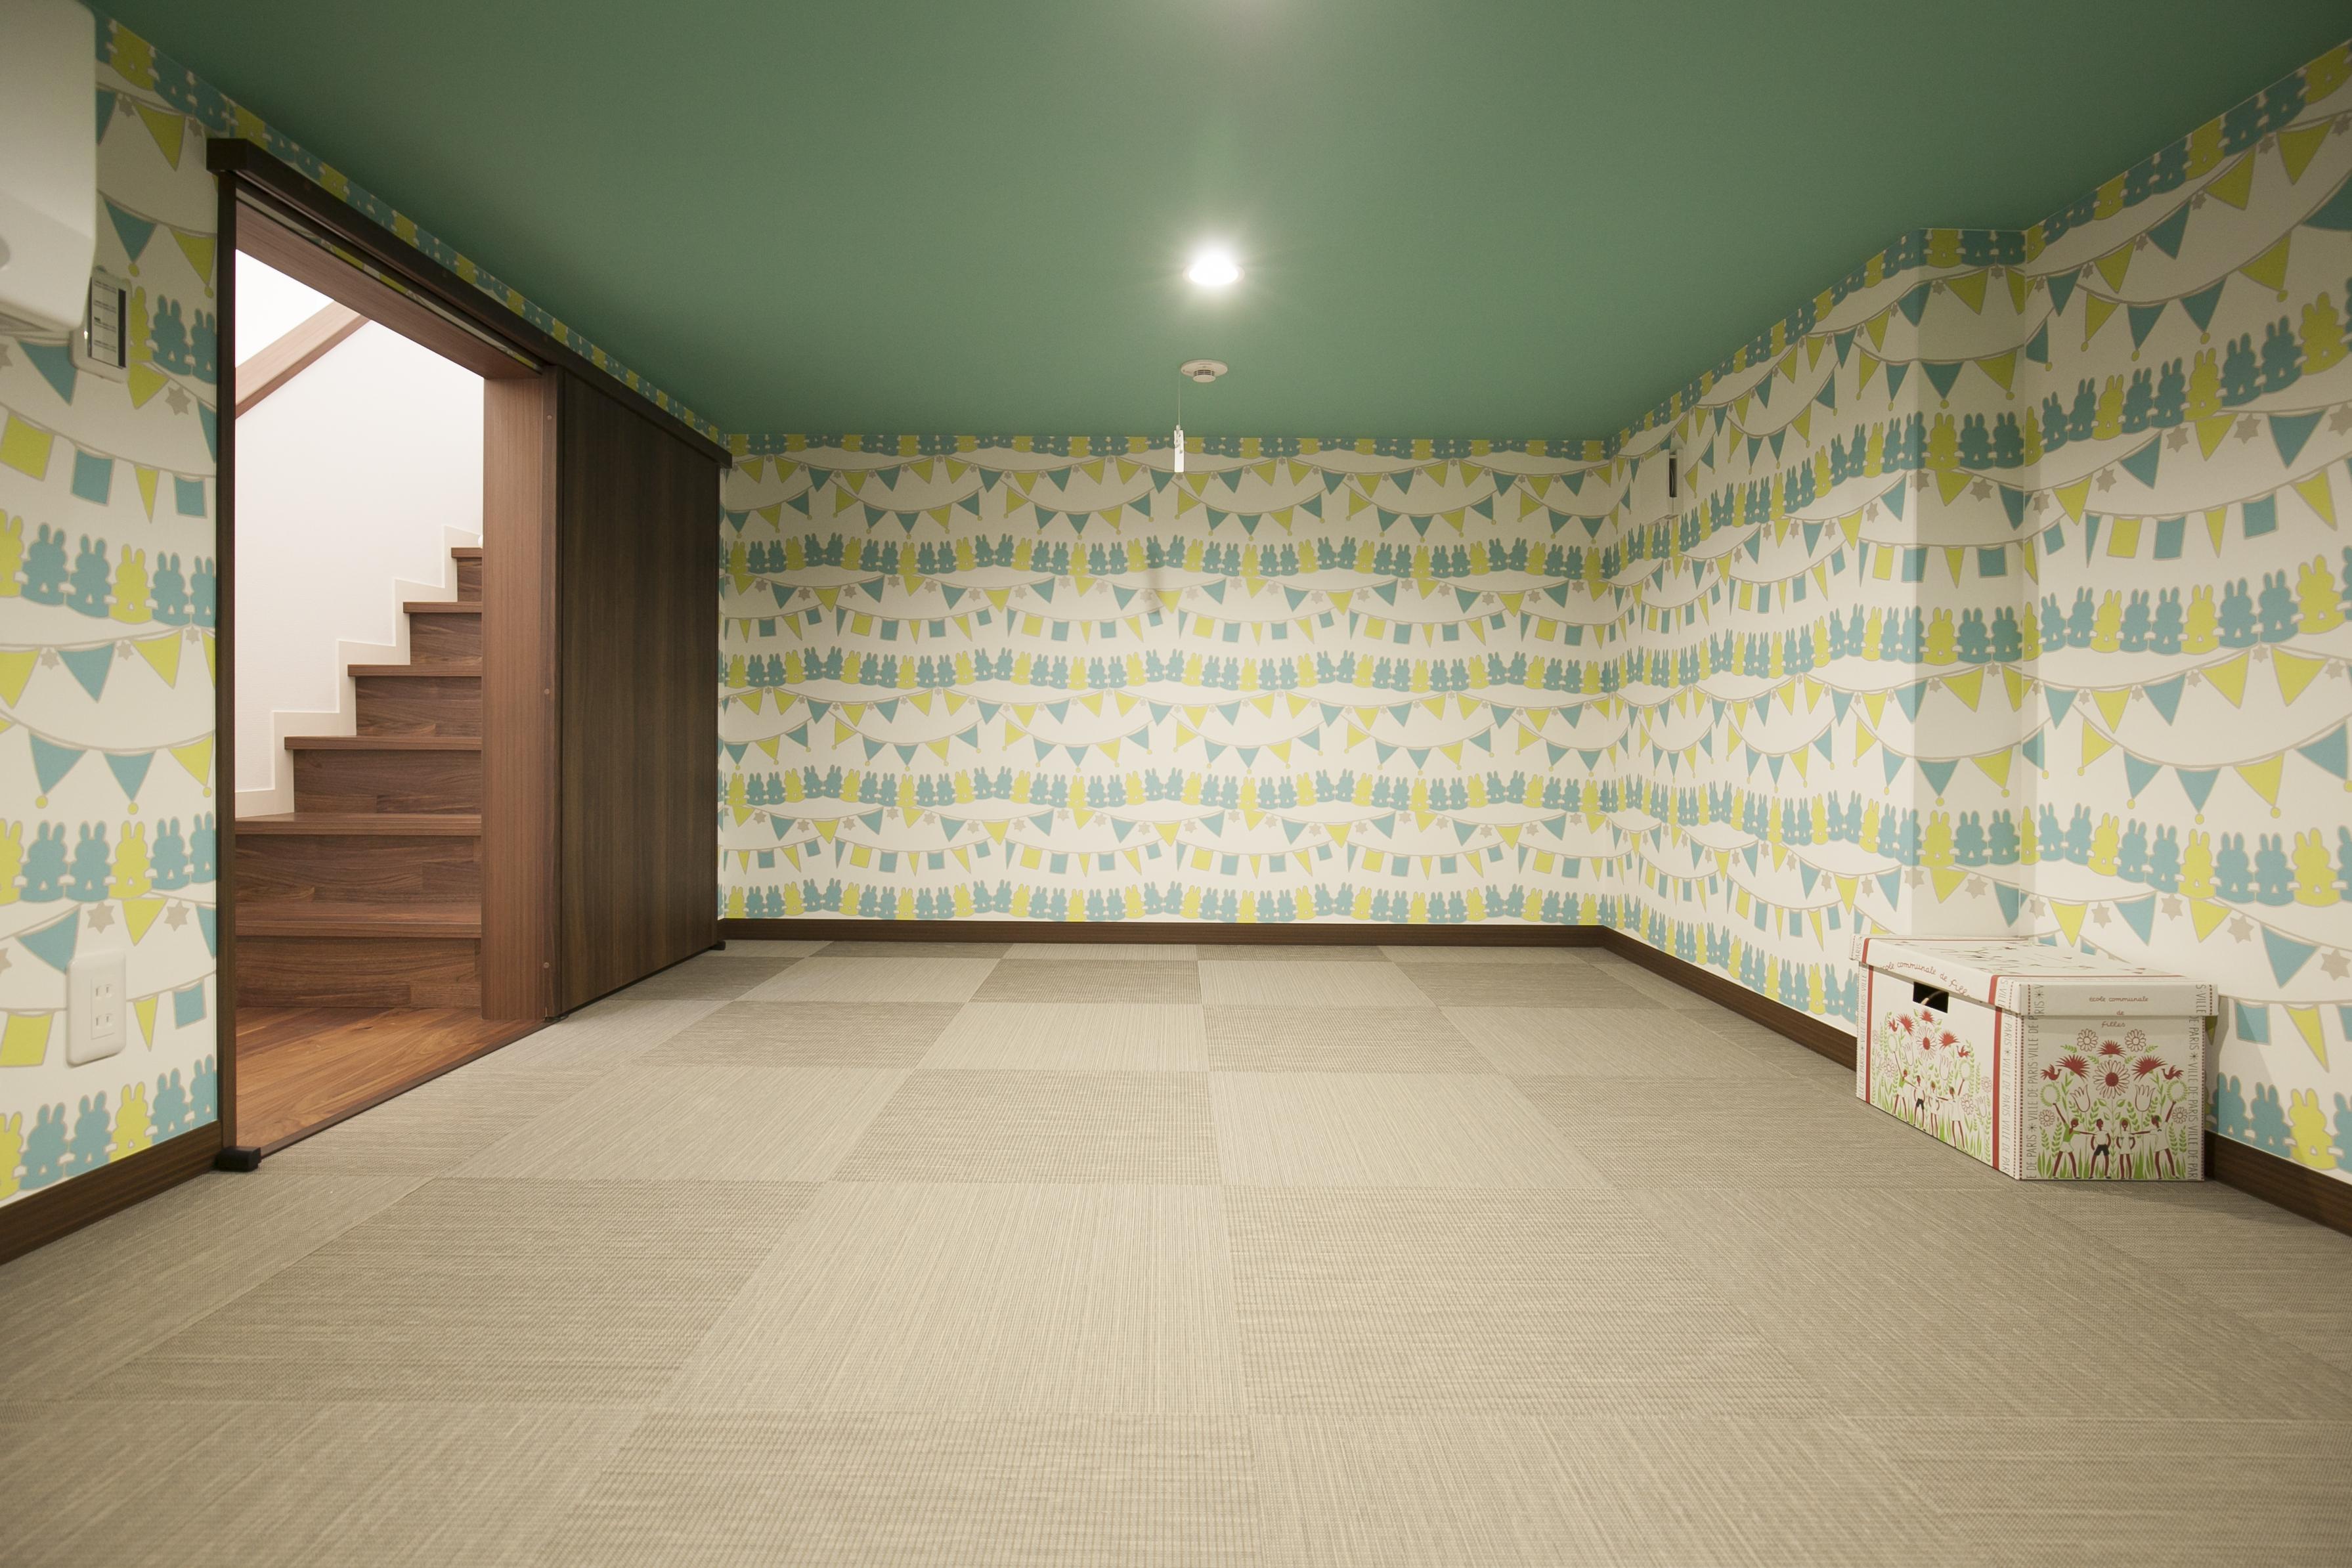 ミサワホーム静岡【デザイン住宅、収納力、スキップフロア】1階と2階の間の階段踊り場に「蔵」を設置。住まいの中心に大収納空間があるため、どの部屋からも近くて便利。家族の共有のモノはもちろん、一人ひとりが使用するモノもまとめてたっぷり収納